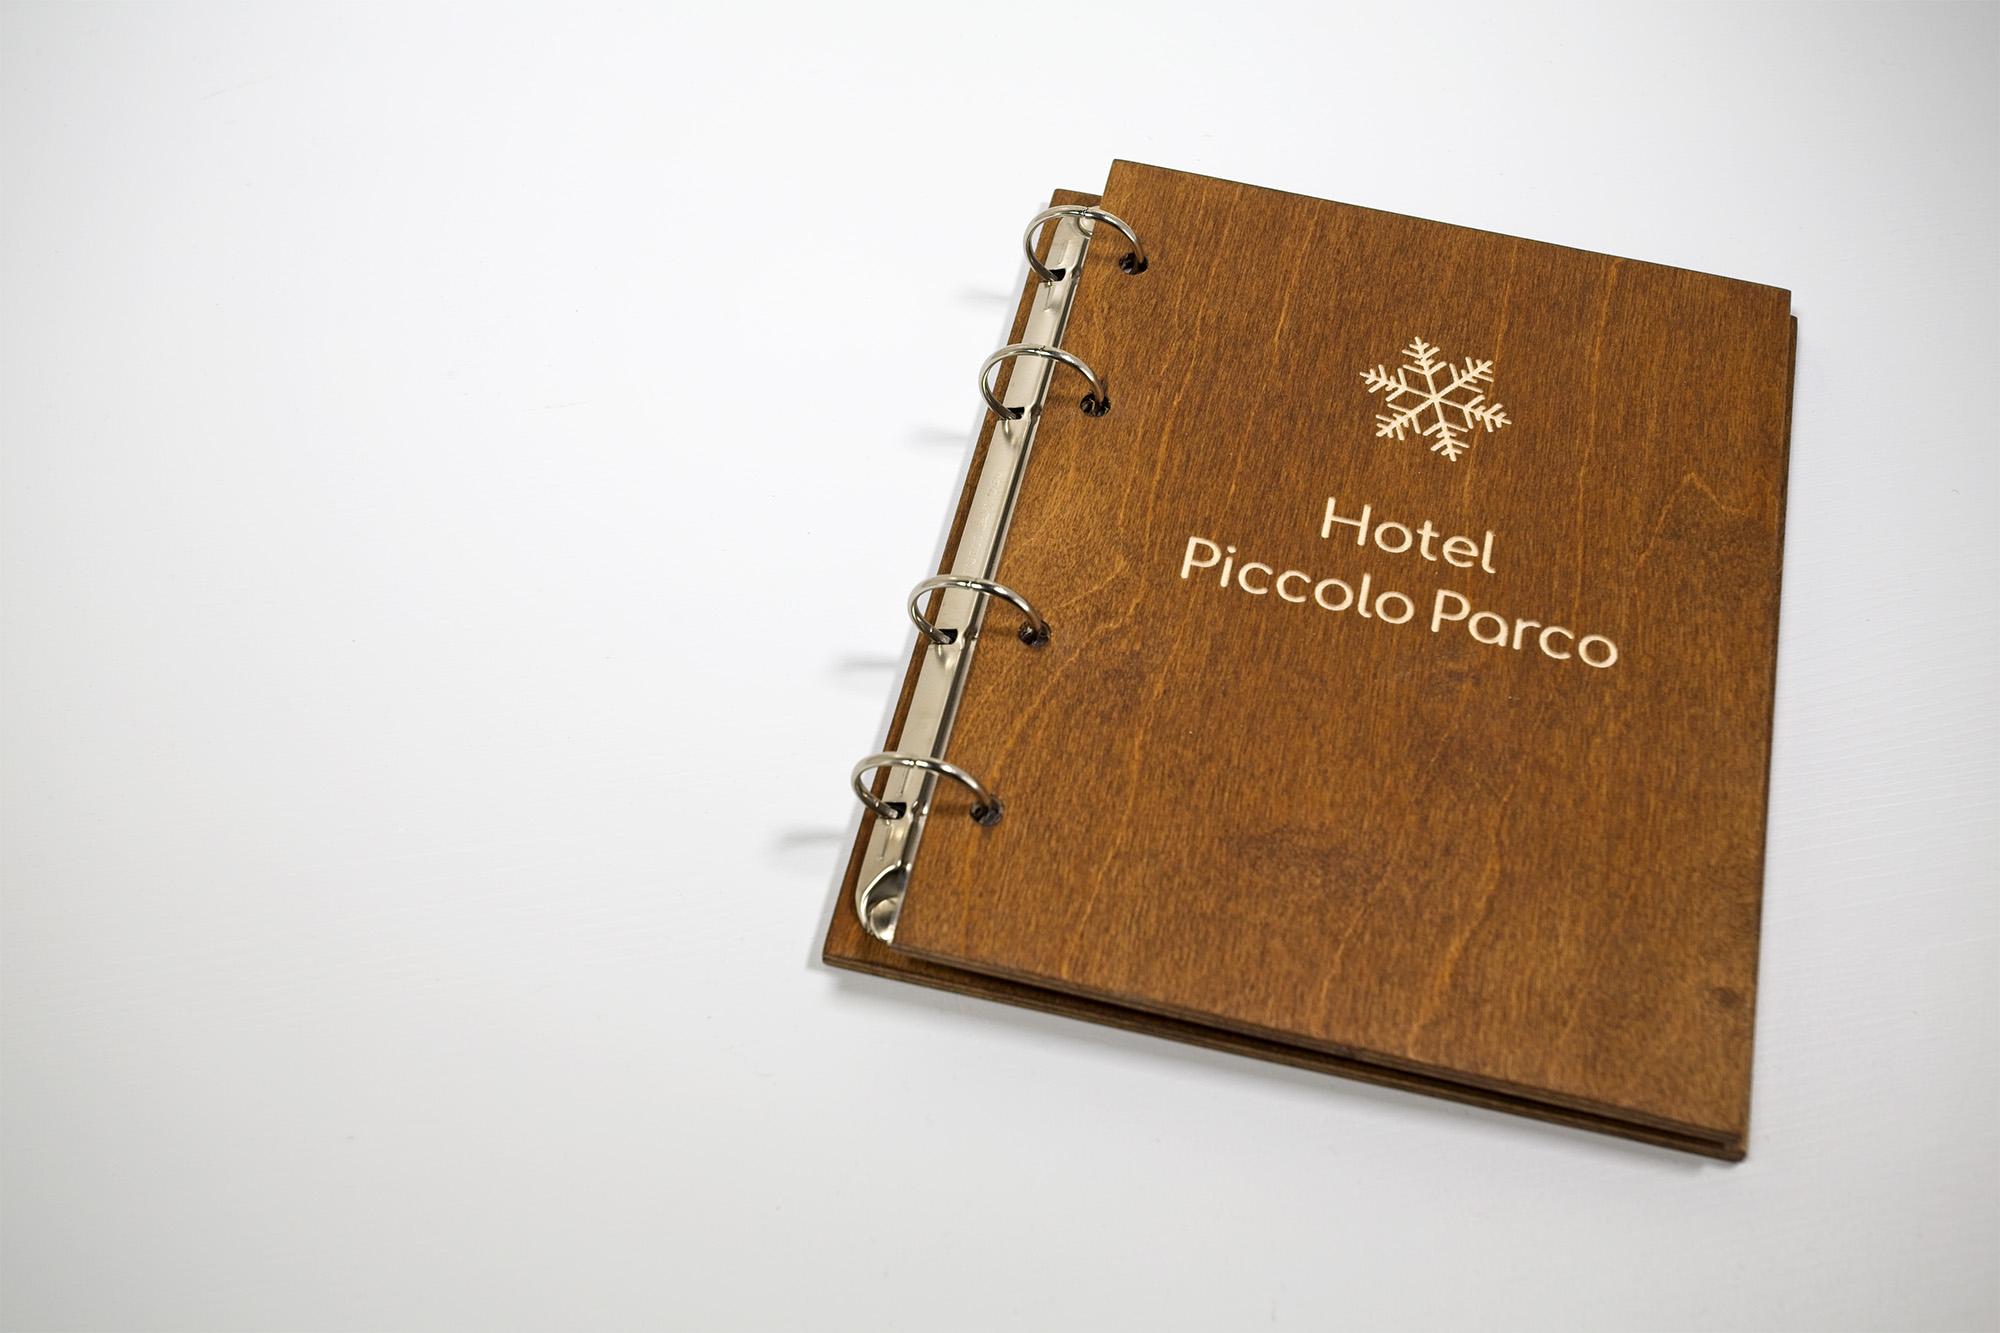 Portamenu Papireto Hotel Piccolo Parco